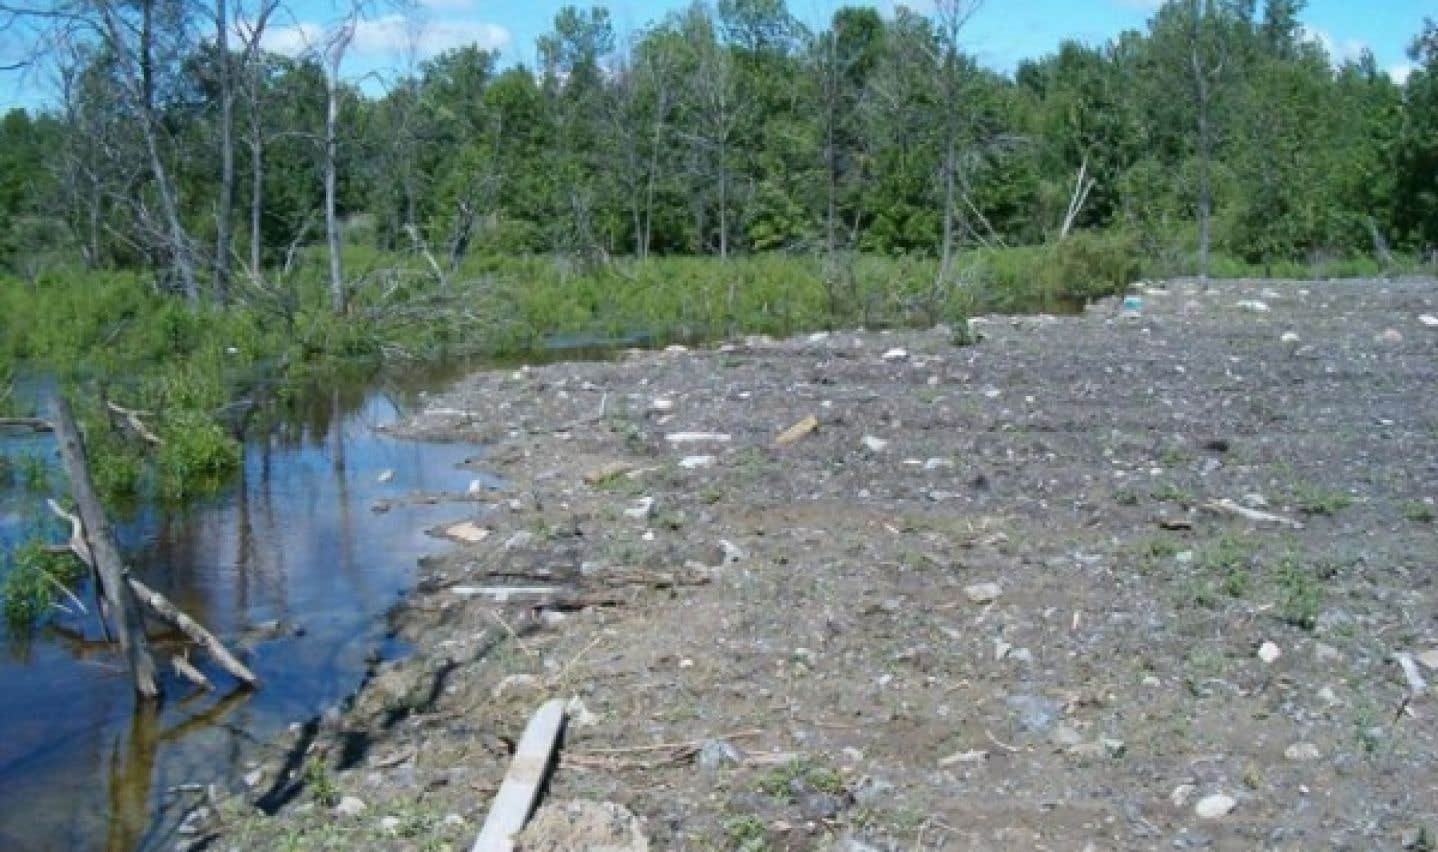 Environnement - Laval préconise une démarche globale